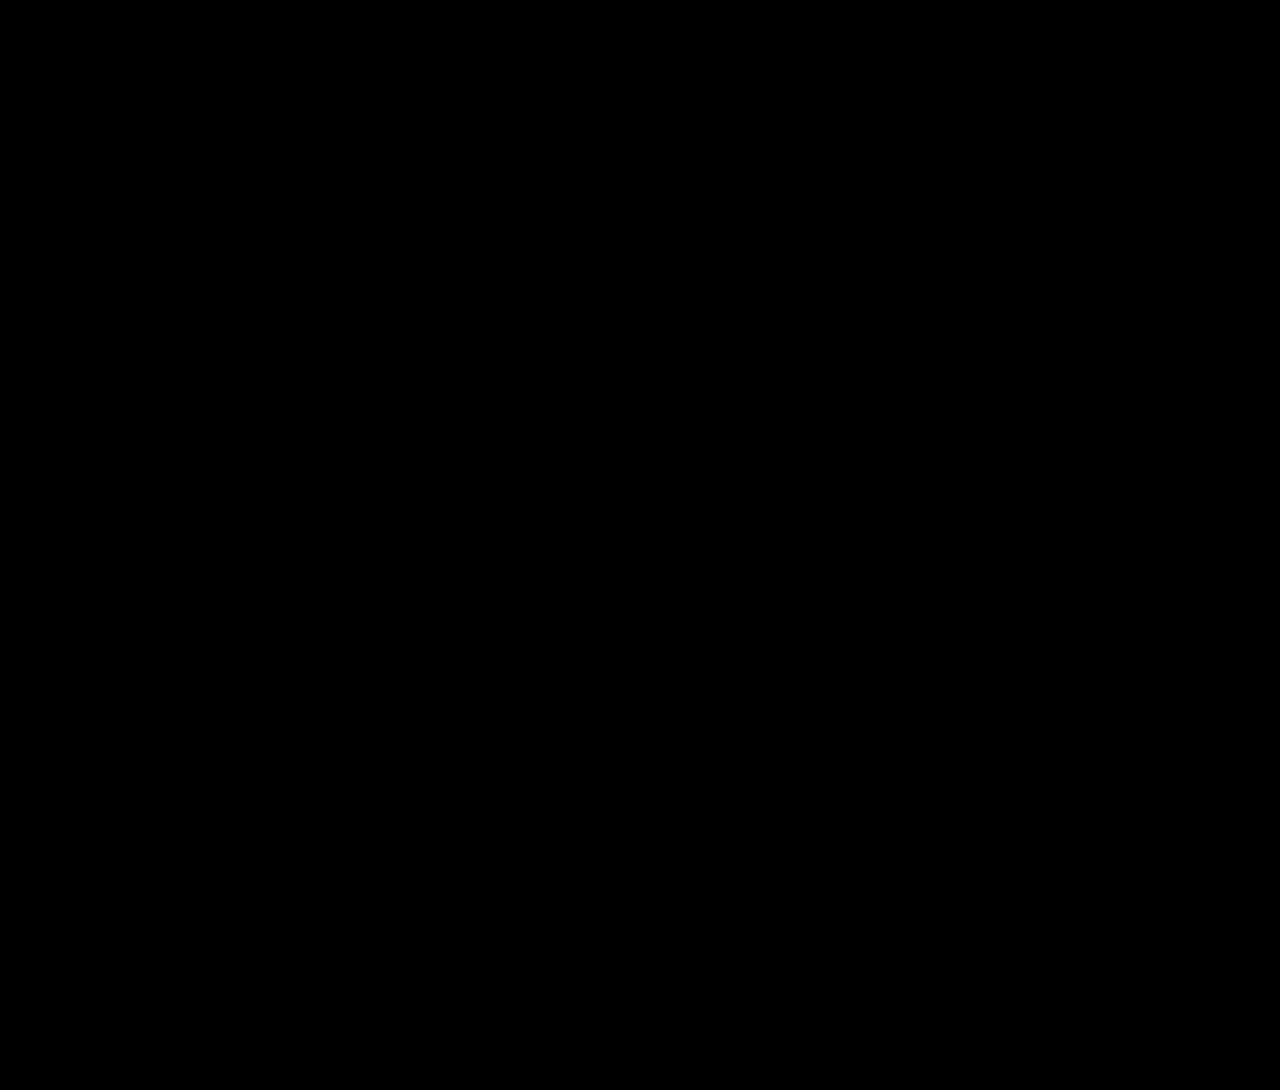 intervaller